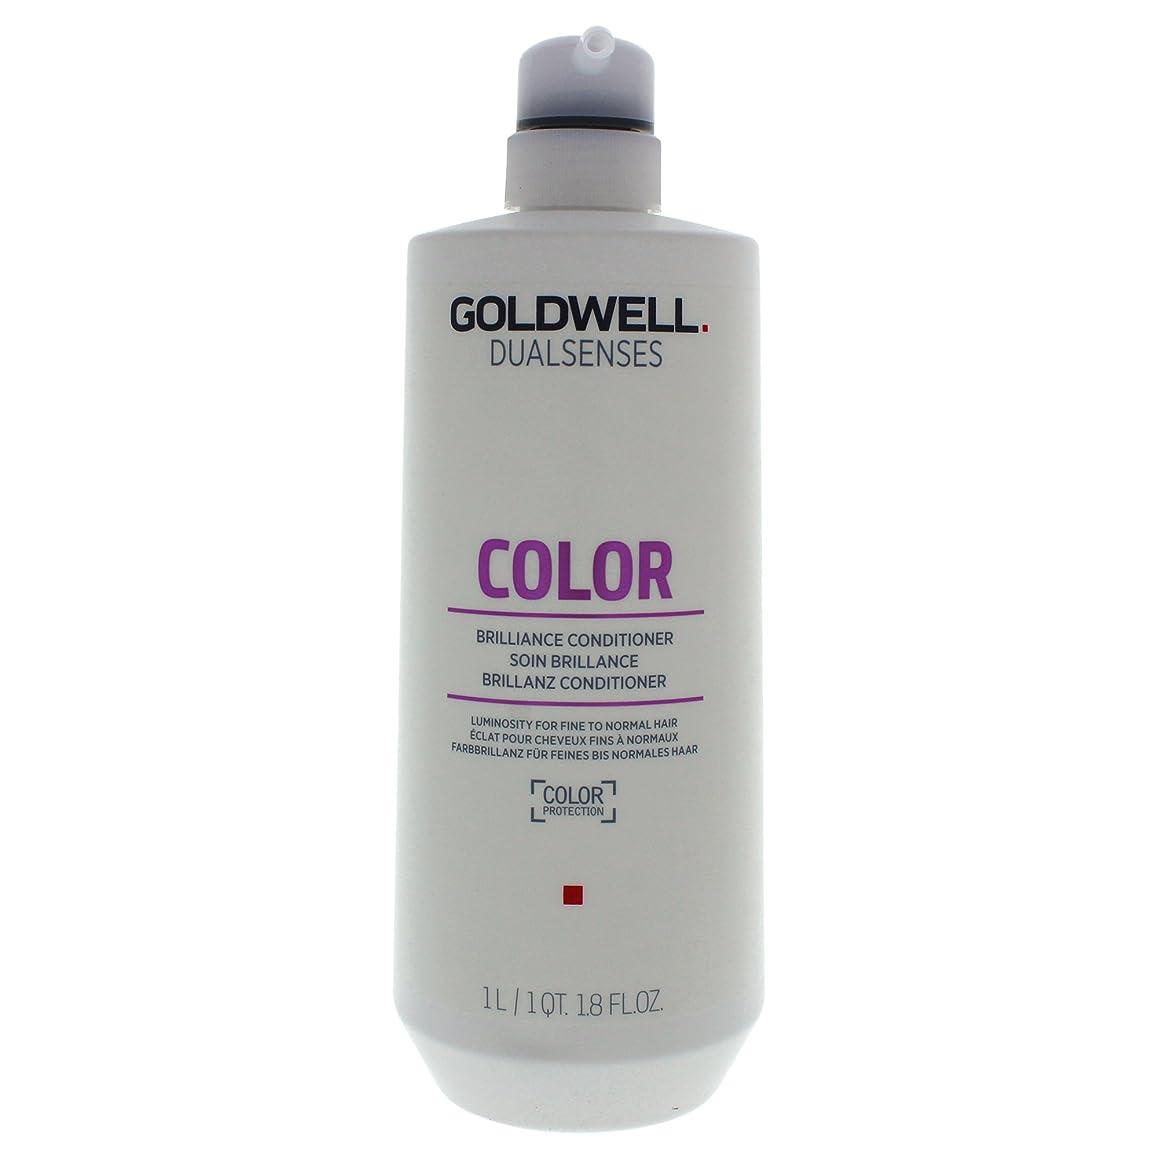 美徳動作枯渇するゴールドウェル Dual Senses Color Brilliance Conditioner (Luminosity For Fine to Normal Hair) 1000ml